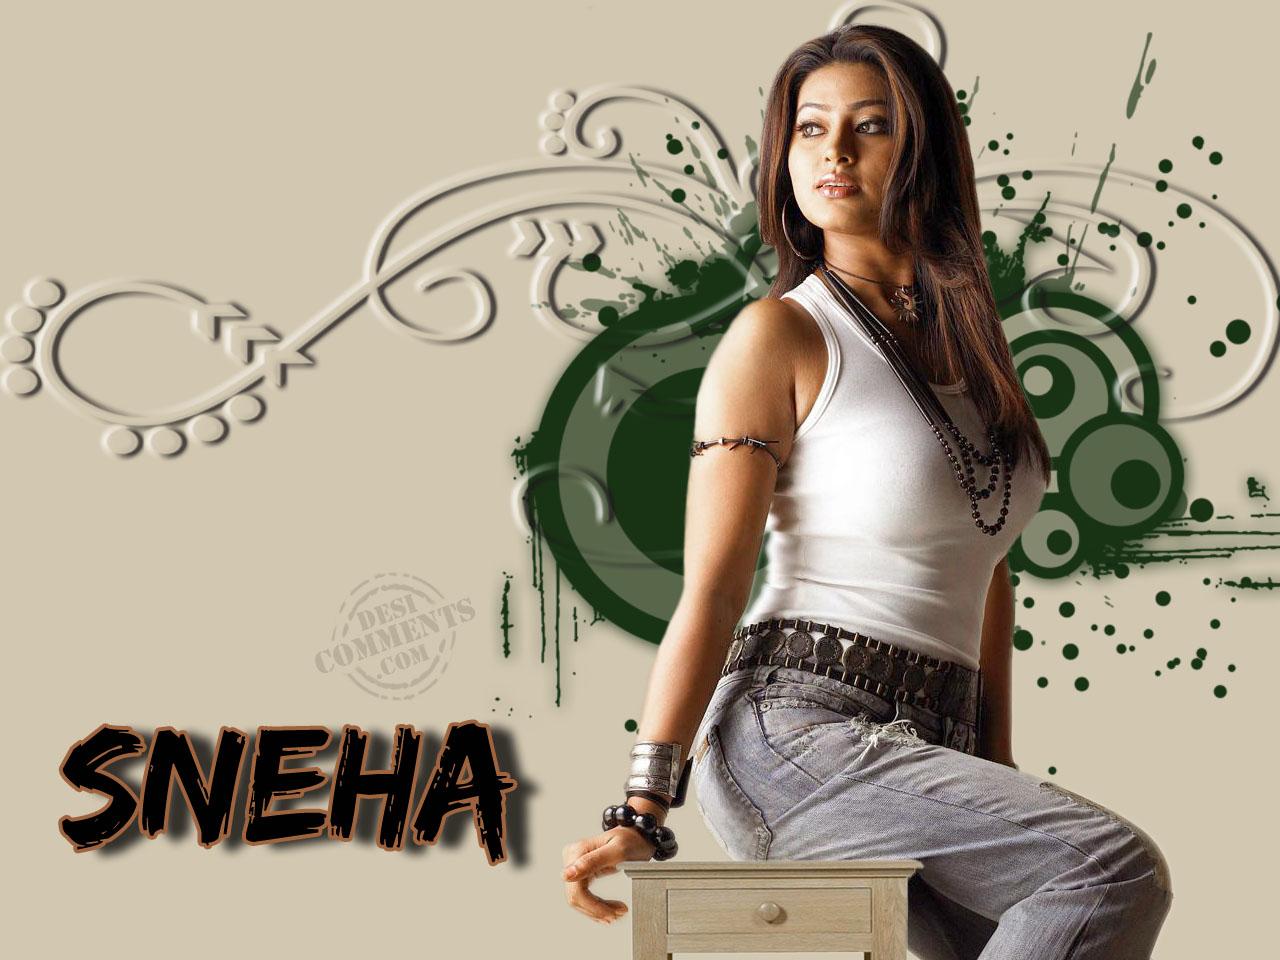 http://3.bp.blogspot.com/-s__R1CUODqc/TbtVmVumtzI/AAAAAAAABhc/Xmi8wNdAxqI/s1600/Sneha-Wallpaper-9.jpg